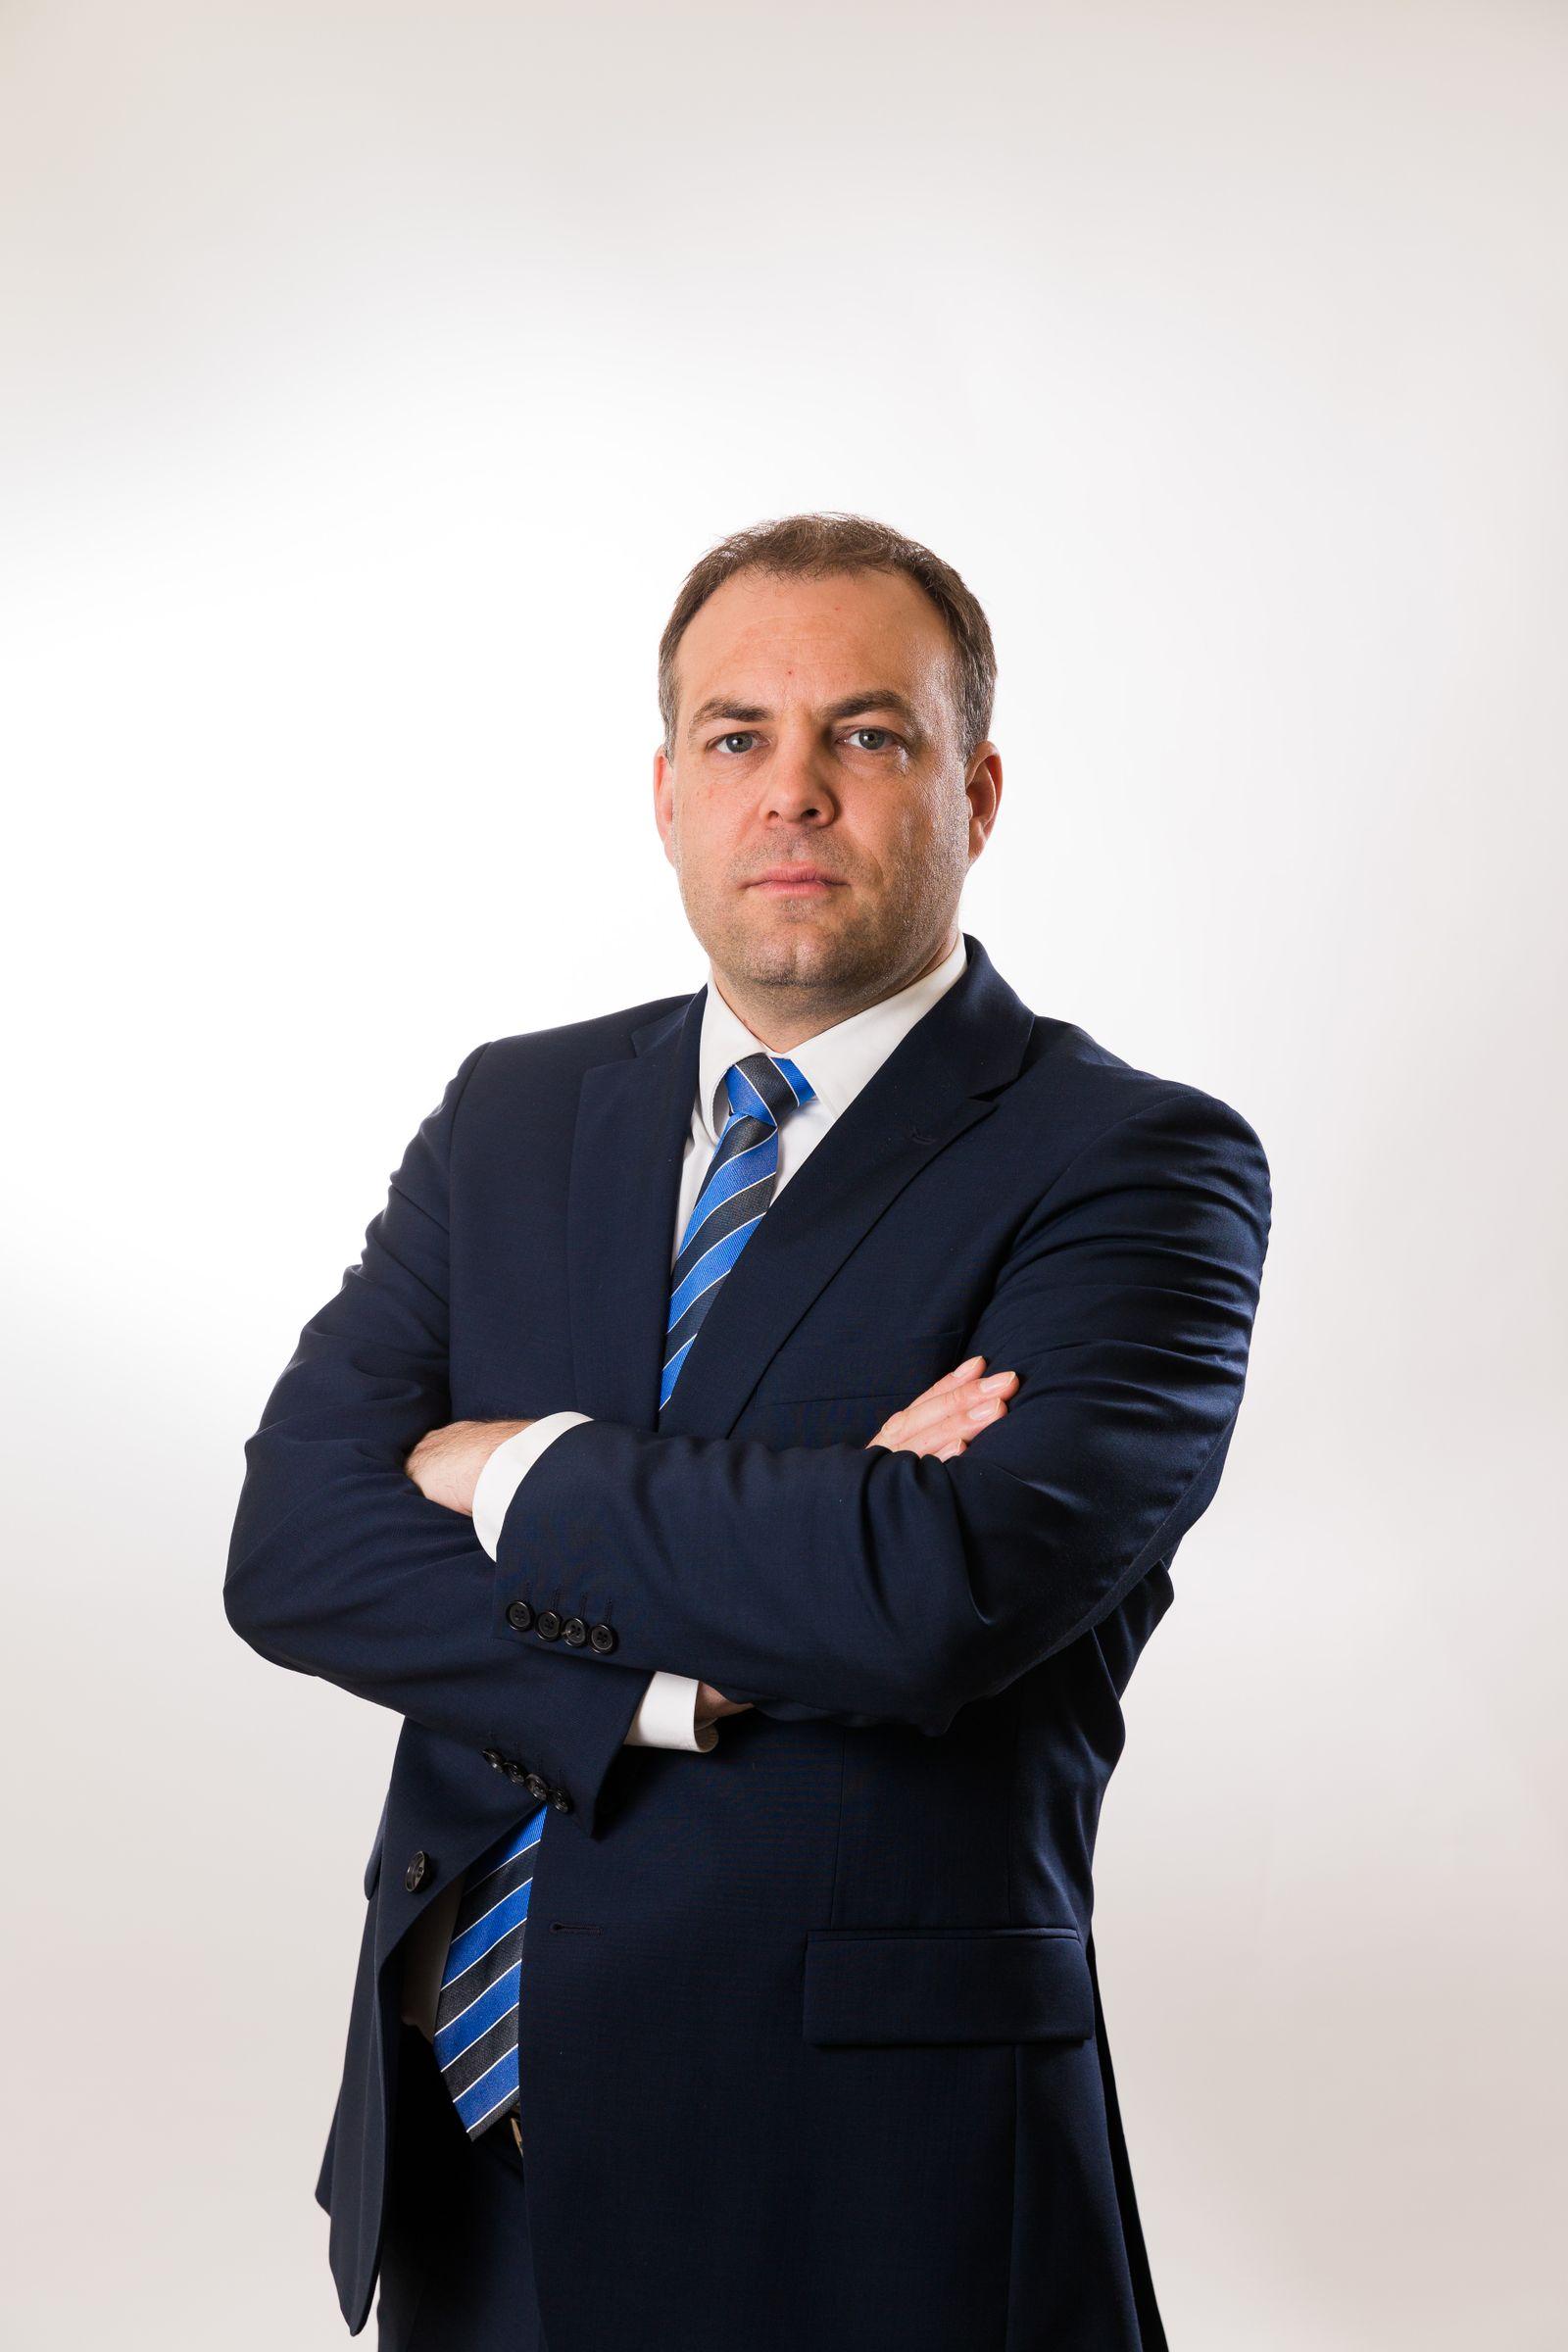 Erik Petraschek